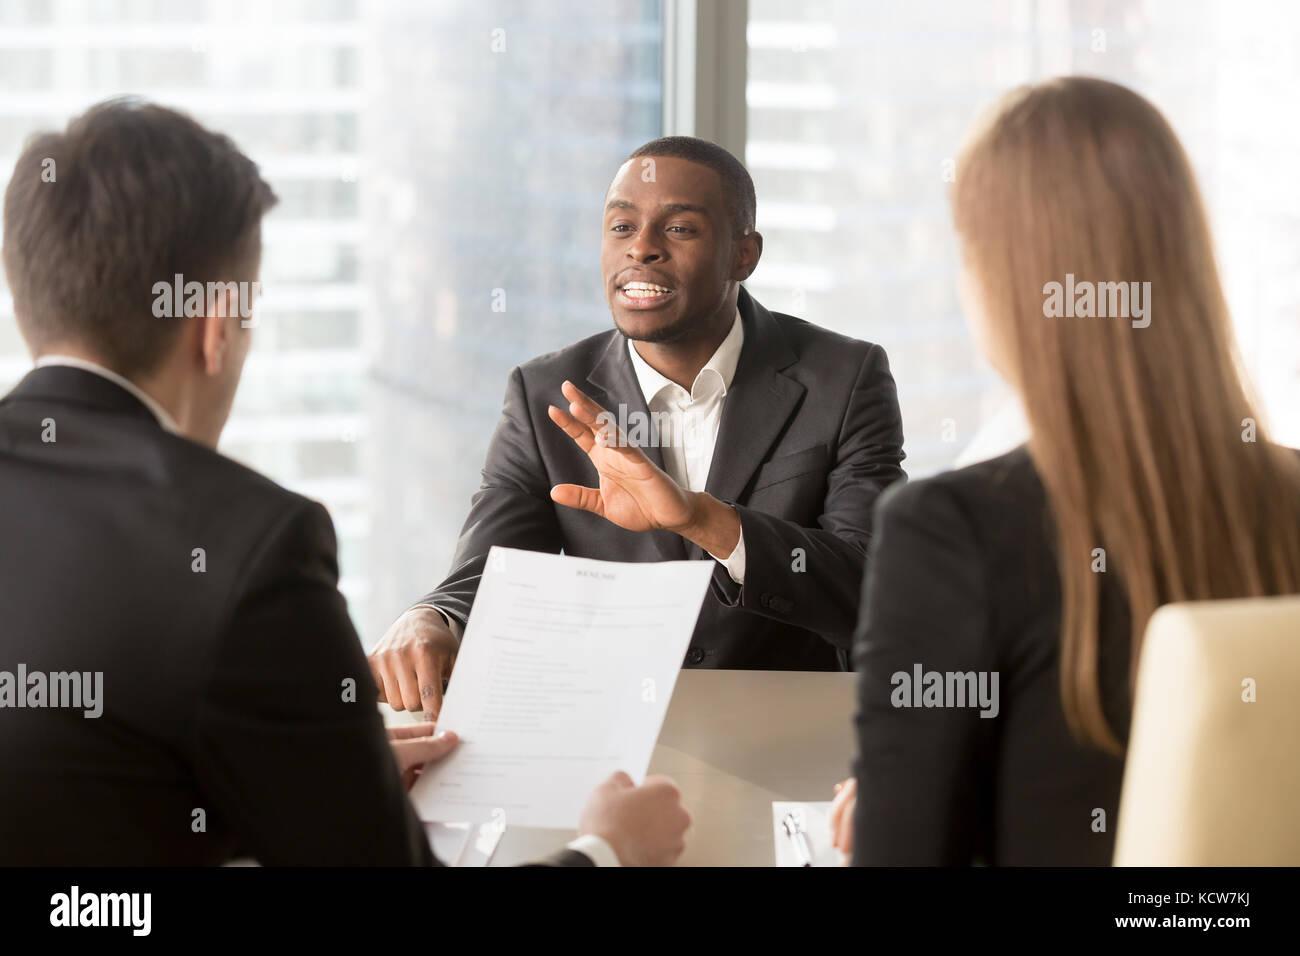 African American candidat se présentant aux recruteurs, racontant les réalisations, l'expérience Photo Stock